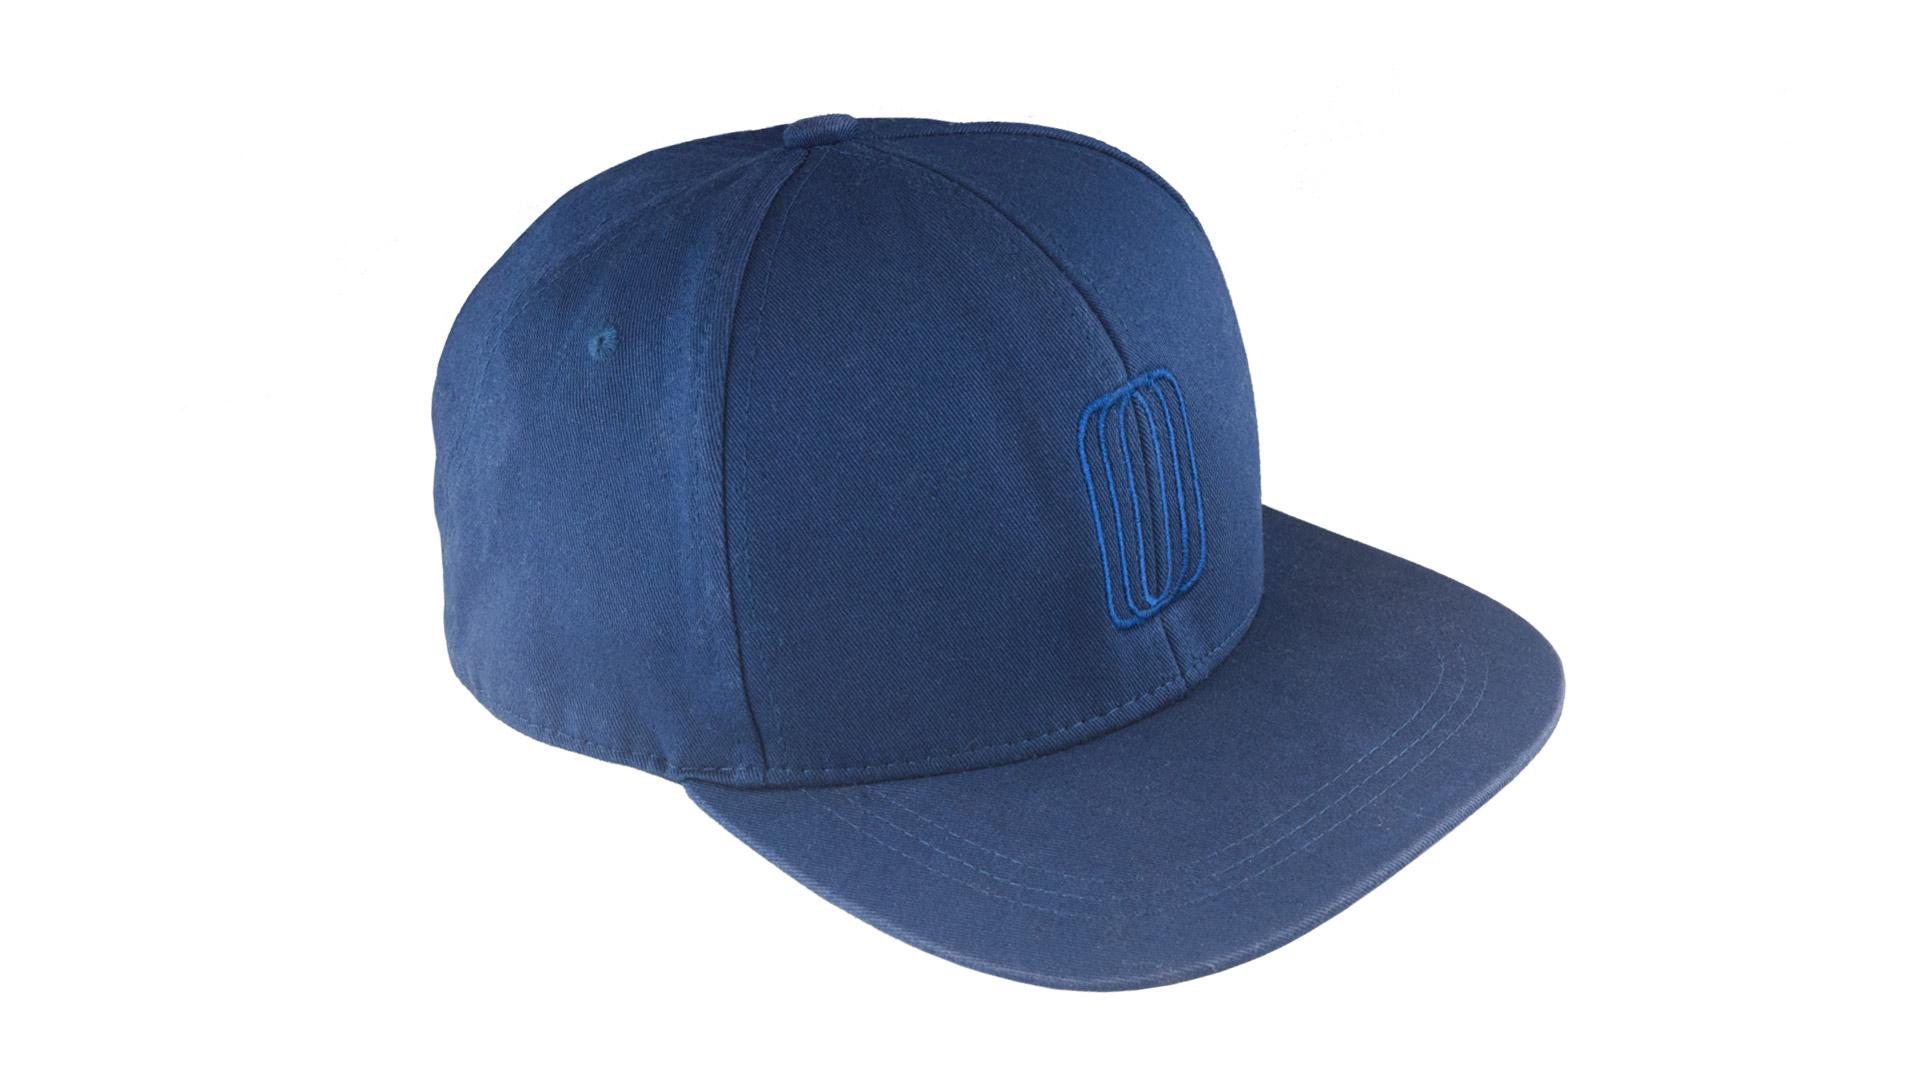 cappello slapback e-commerce accessori fotocat